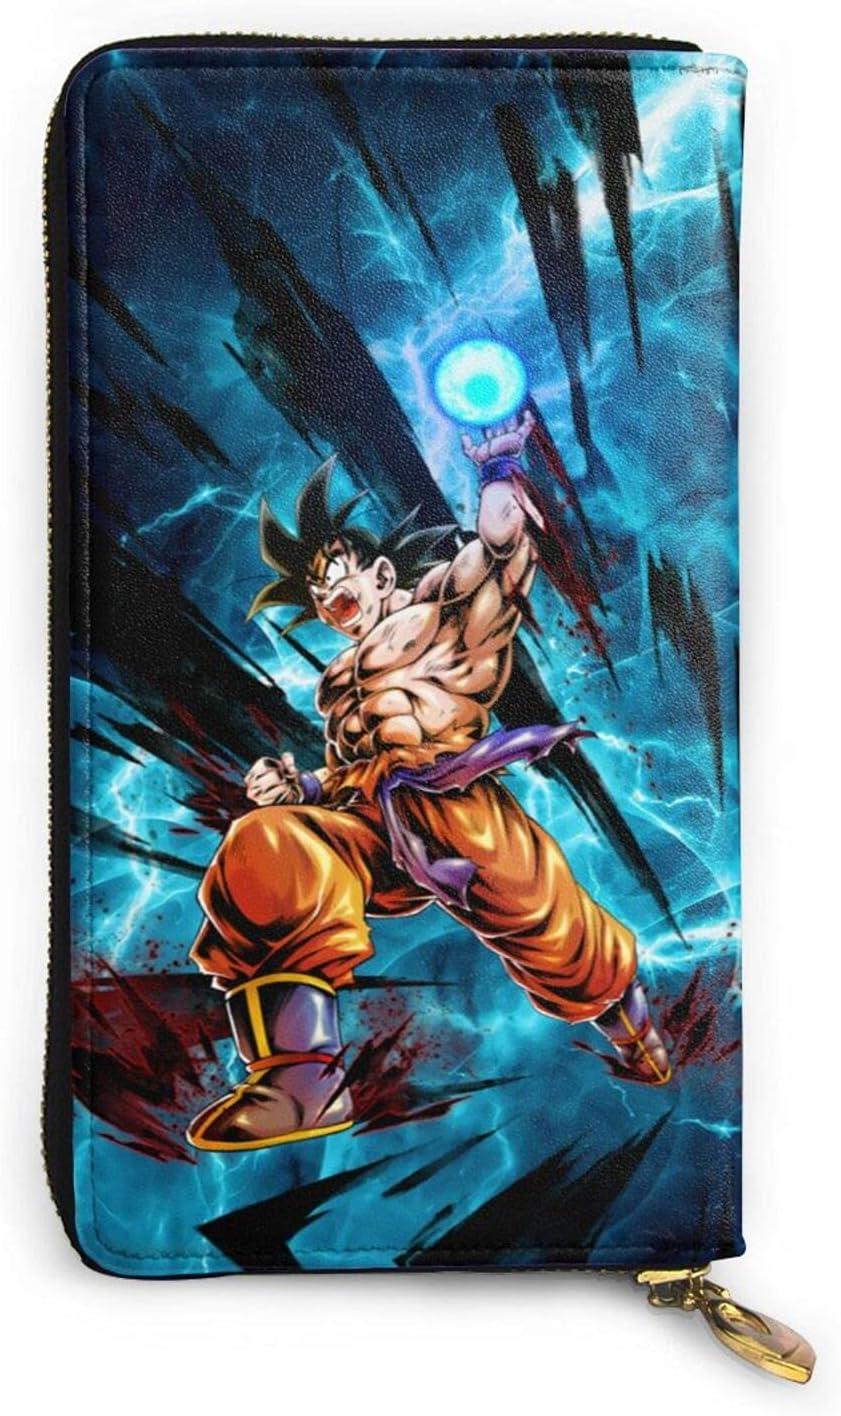 Anime Super-Saiyan-Goku-Vegeta-Kakarot Leather Comi Wallet Memphis Mall Funny 55% OFF